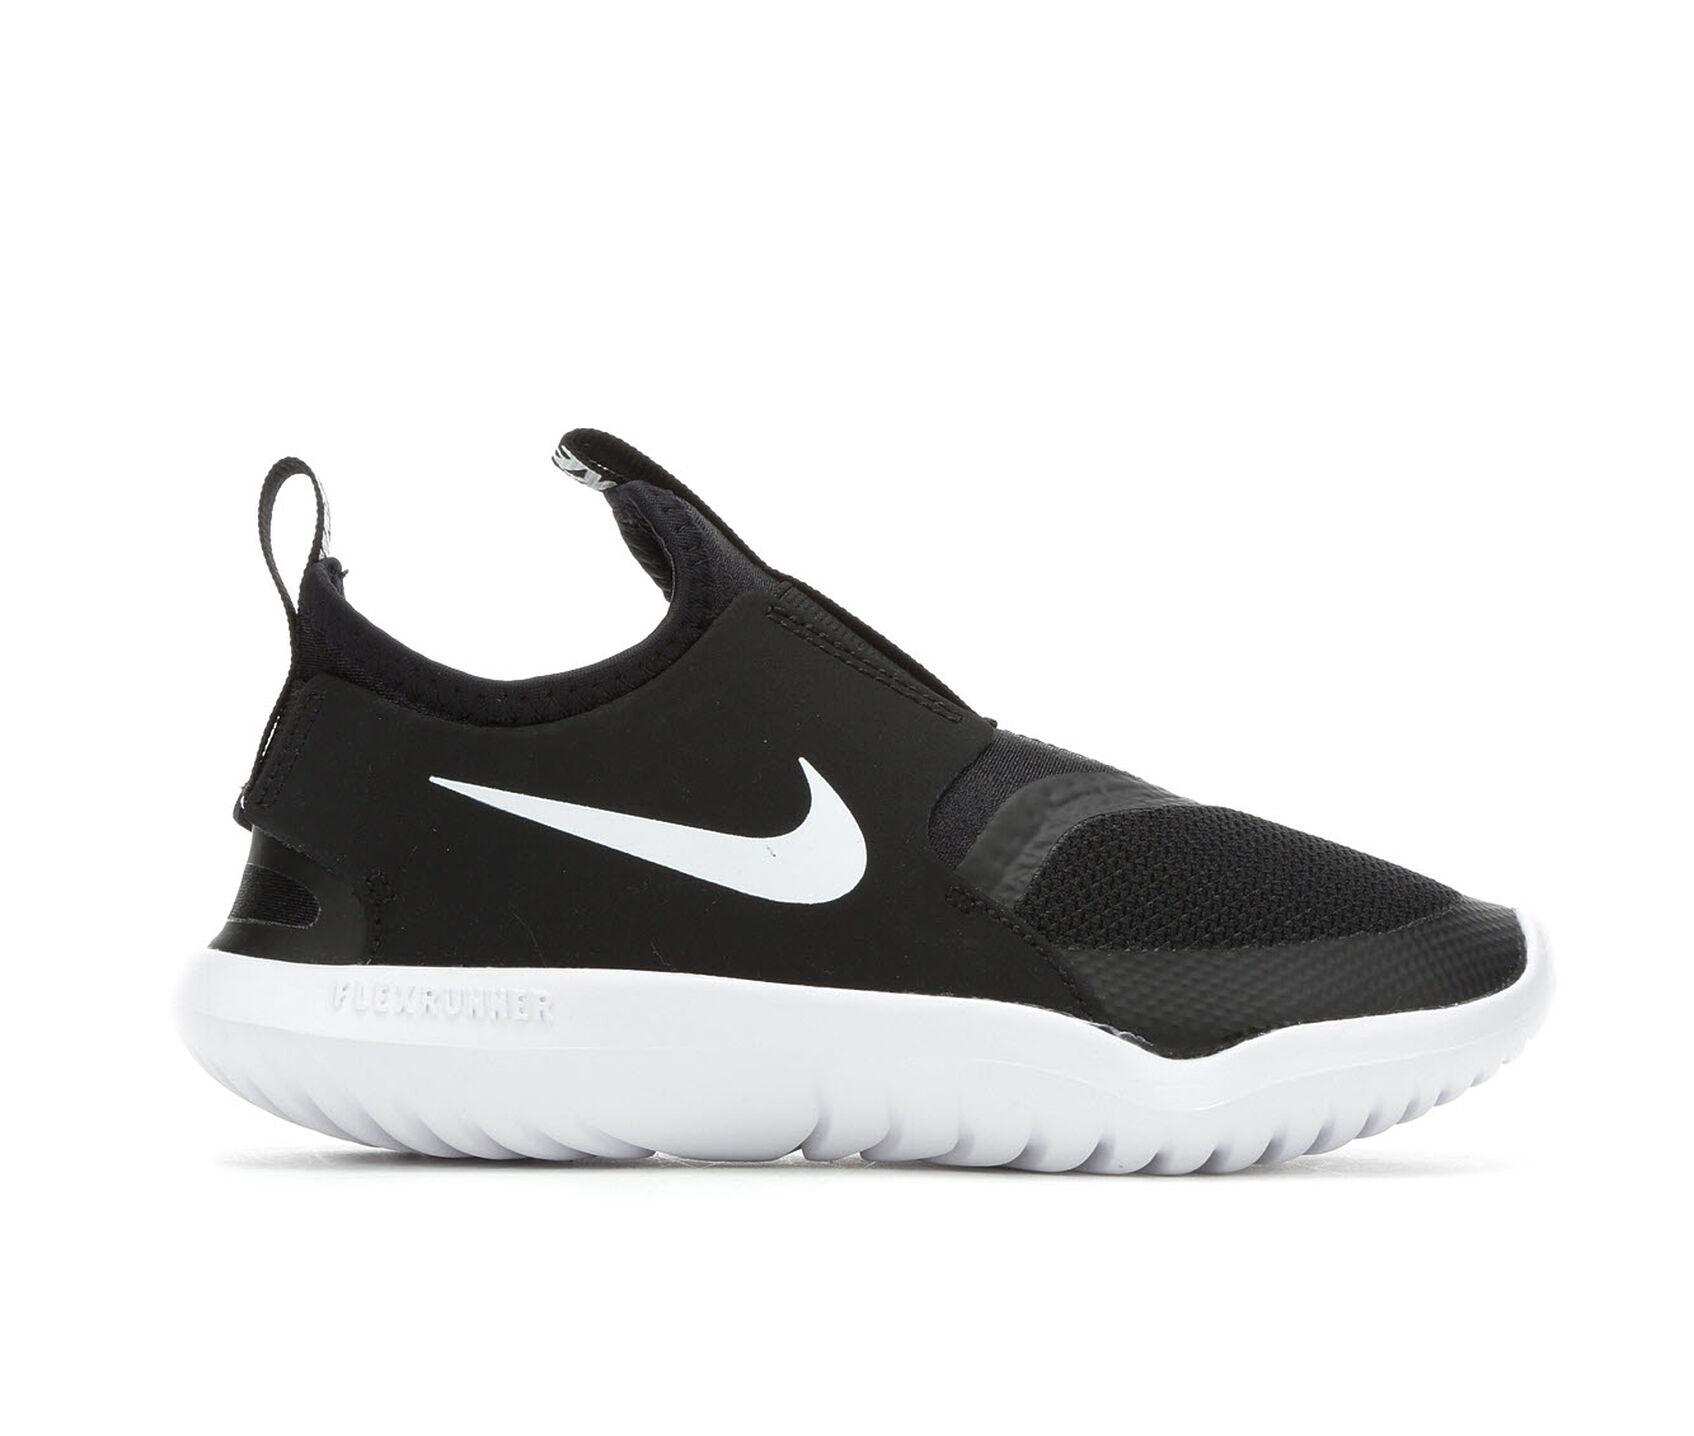 la meilleure attitude 77a5e 62be4 Boys' Nike Little Kid Flex Runner Running Shoes